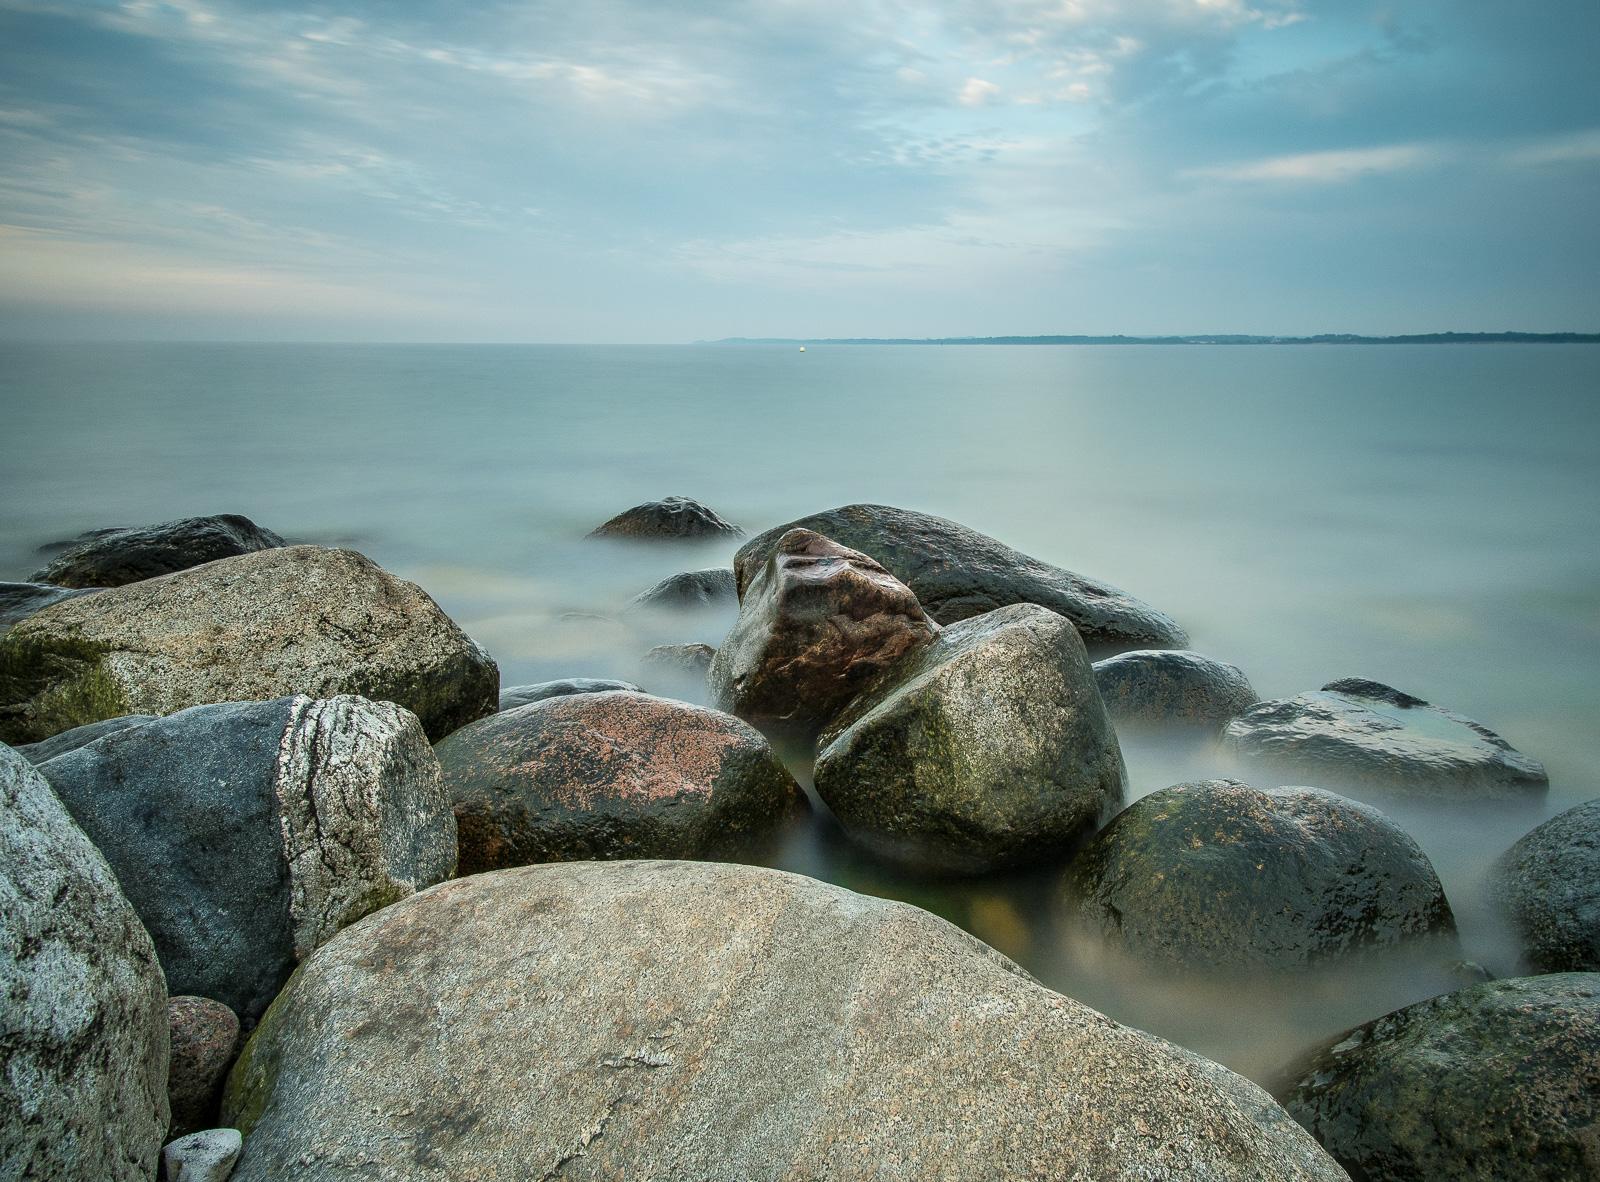 Brodtener Ufer, Steine, Wasser, abends mit langer Belichtungszeit und Weitwinkel